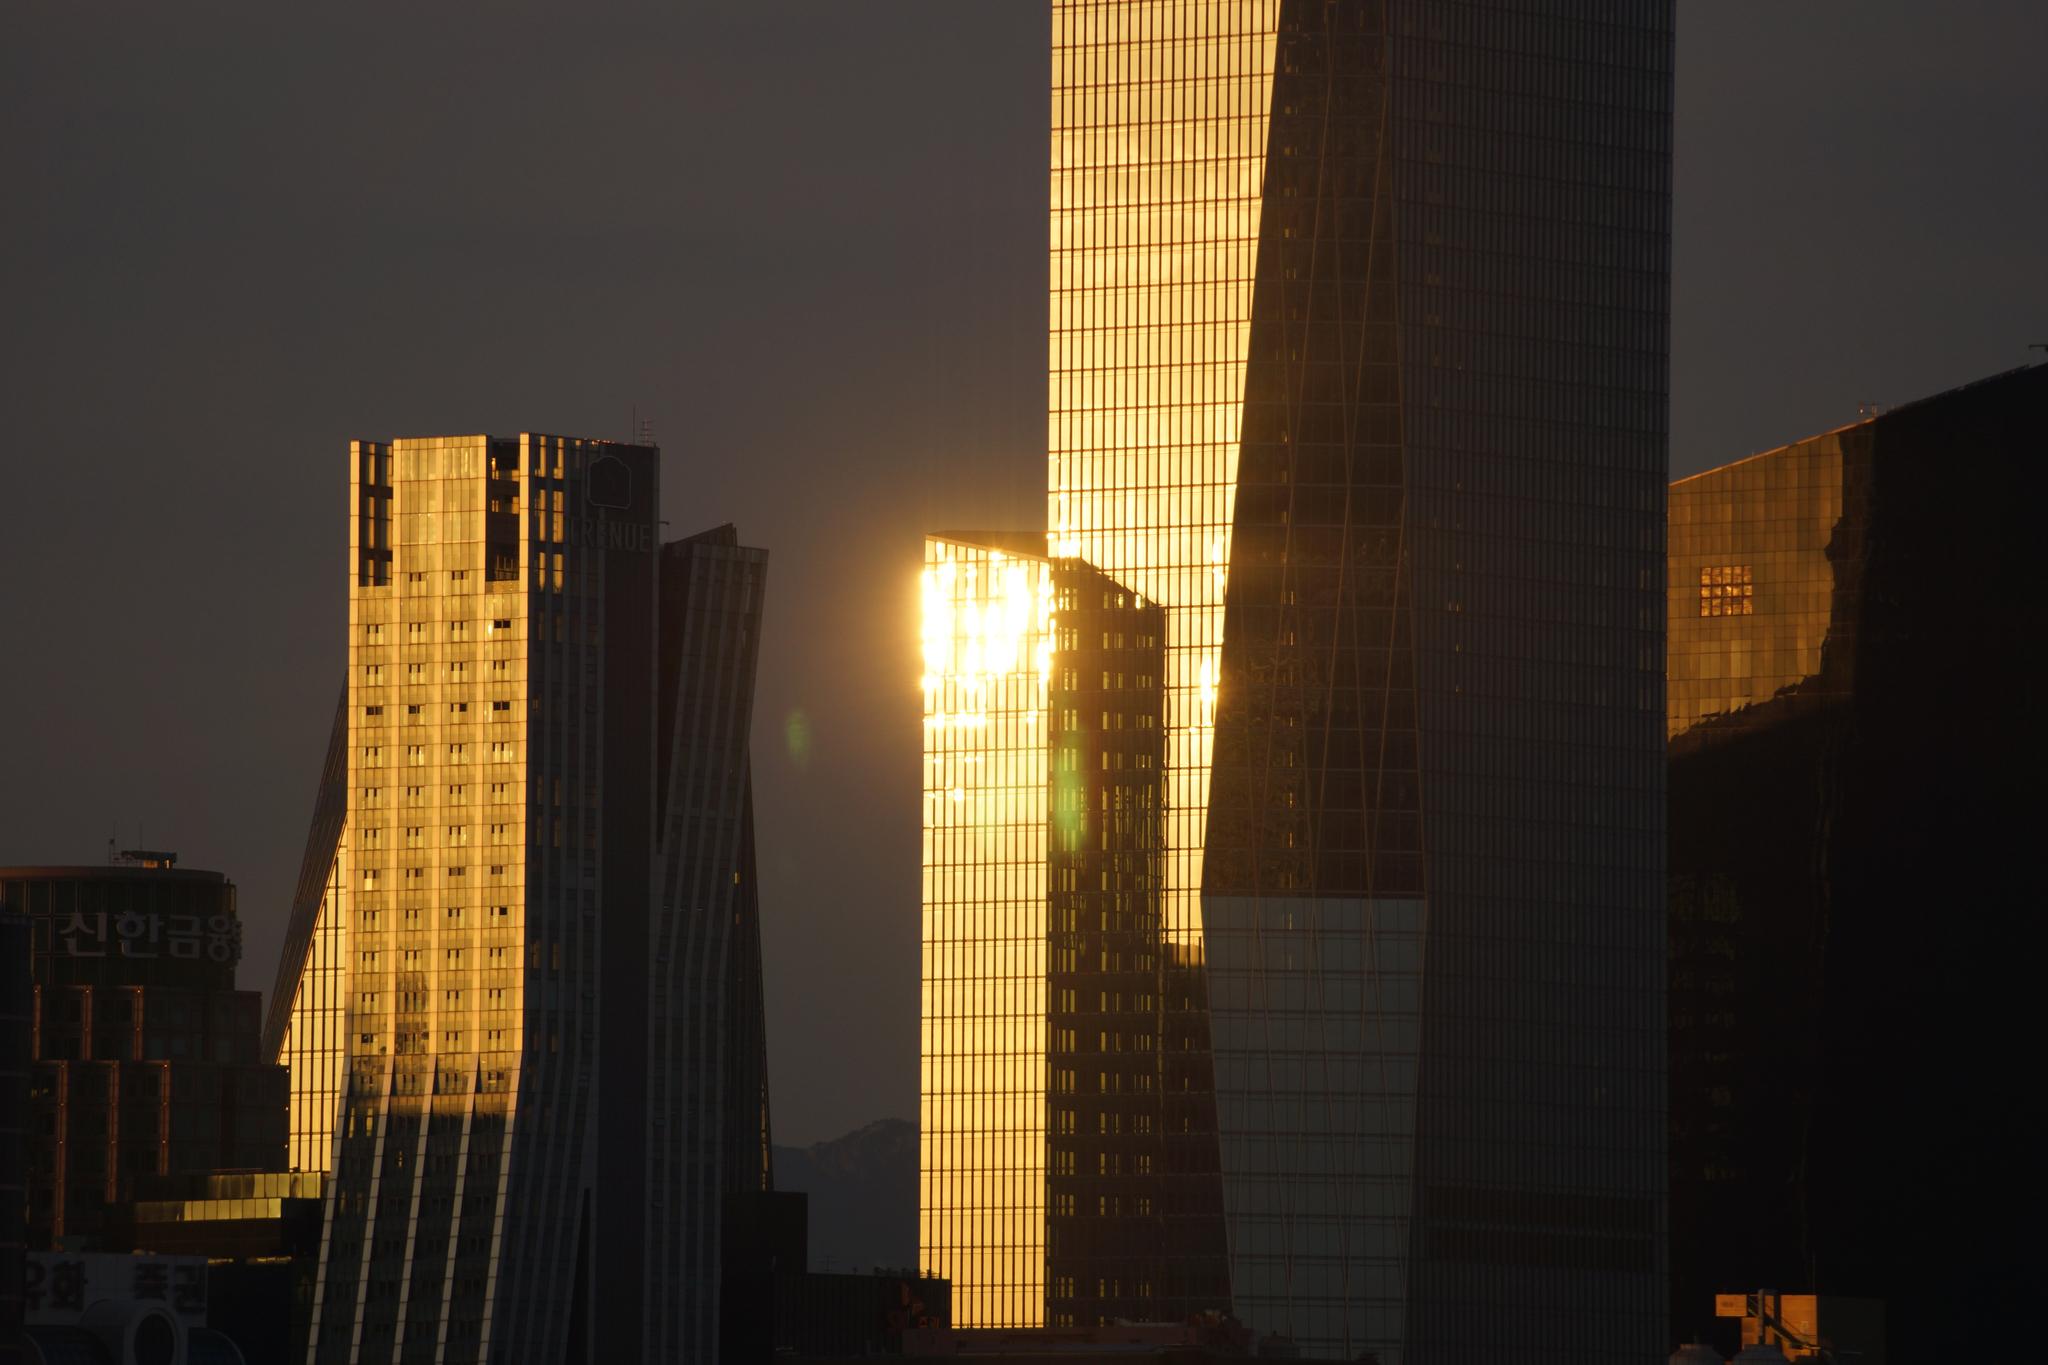 서울 여의도의 한 빌딩에서 반사되는 태양광이 눈 부시다. 강찬수 기자